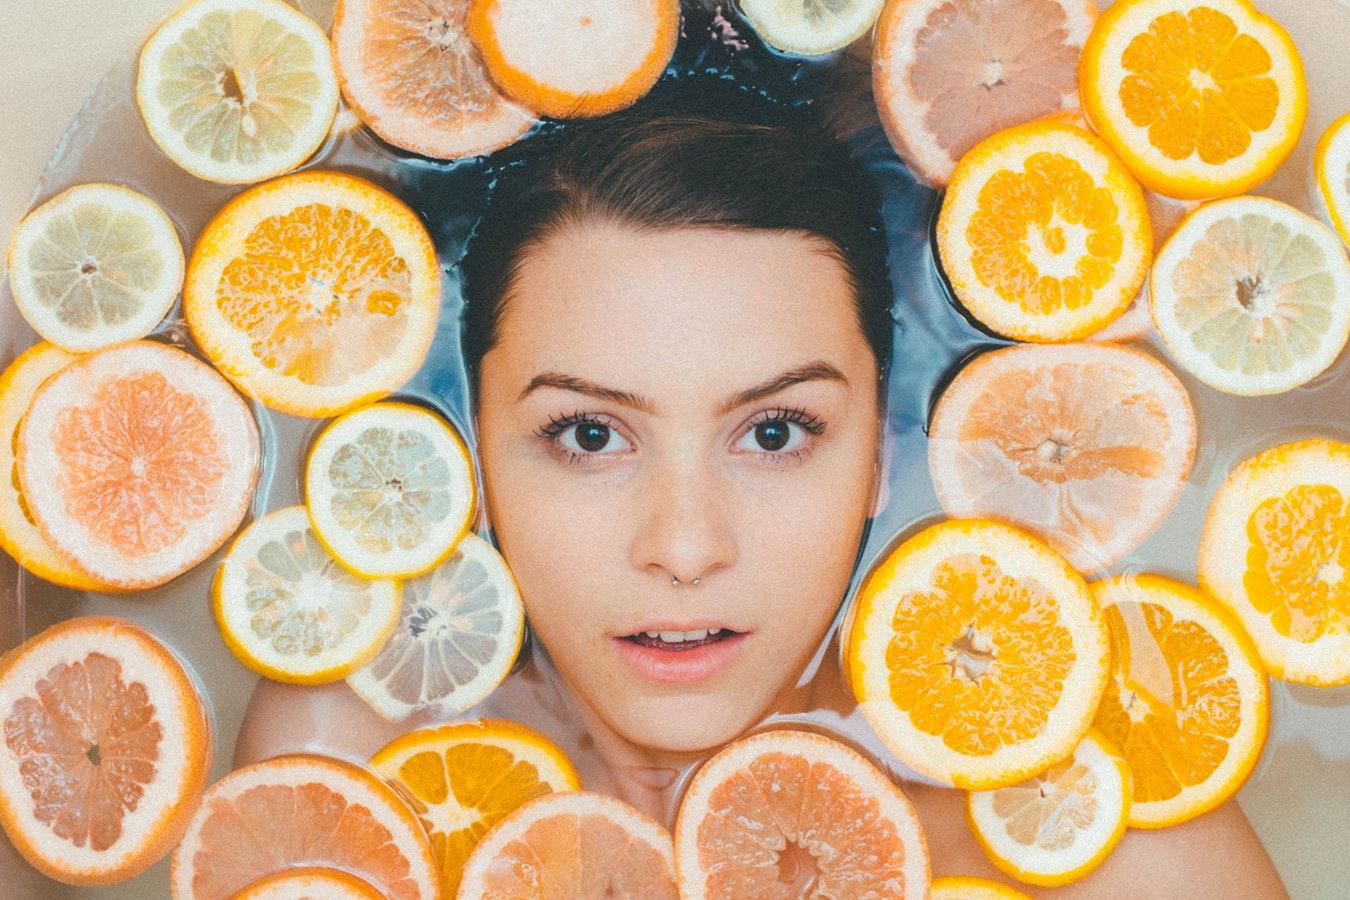 Find produkter til personlig pleje af høj kvalitet hos SkinStyle